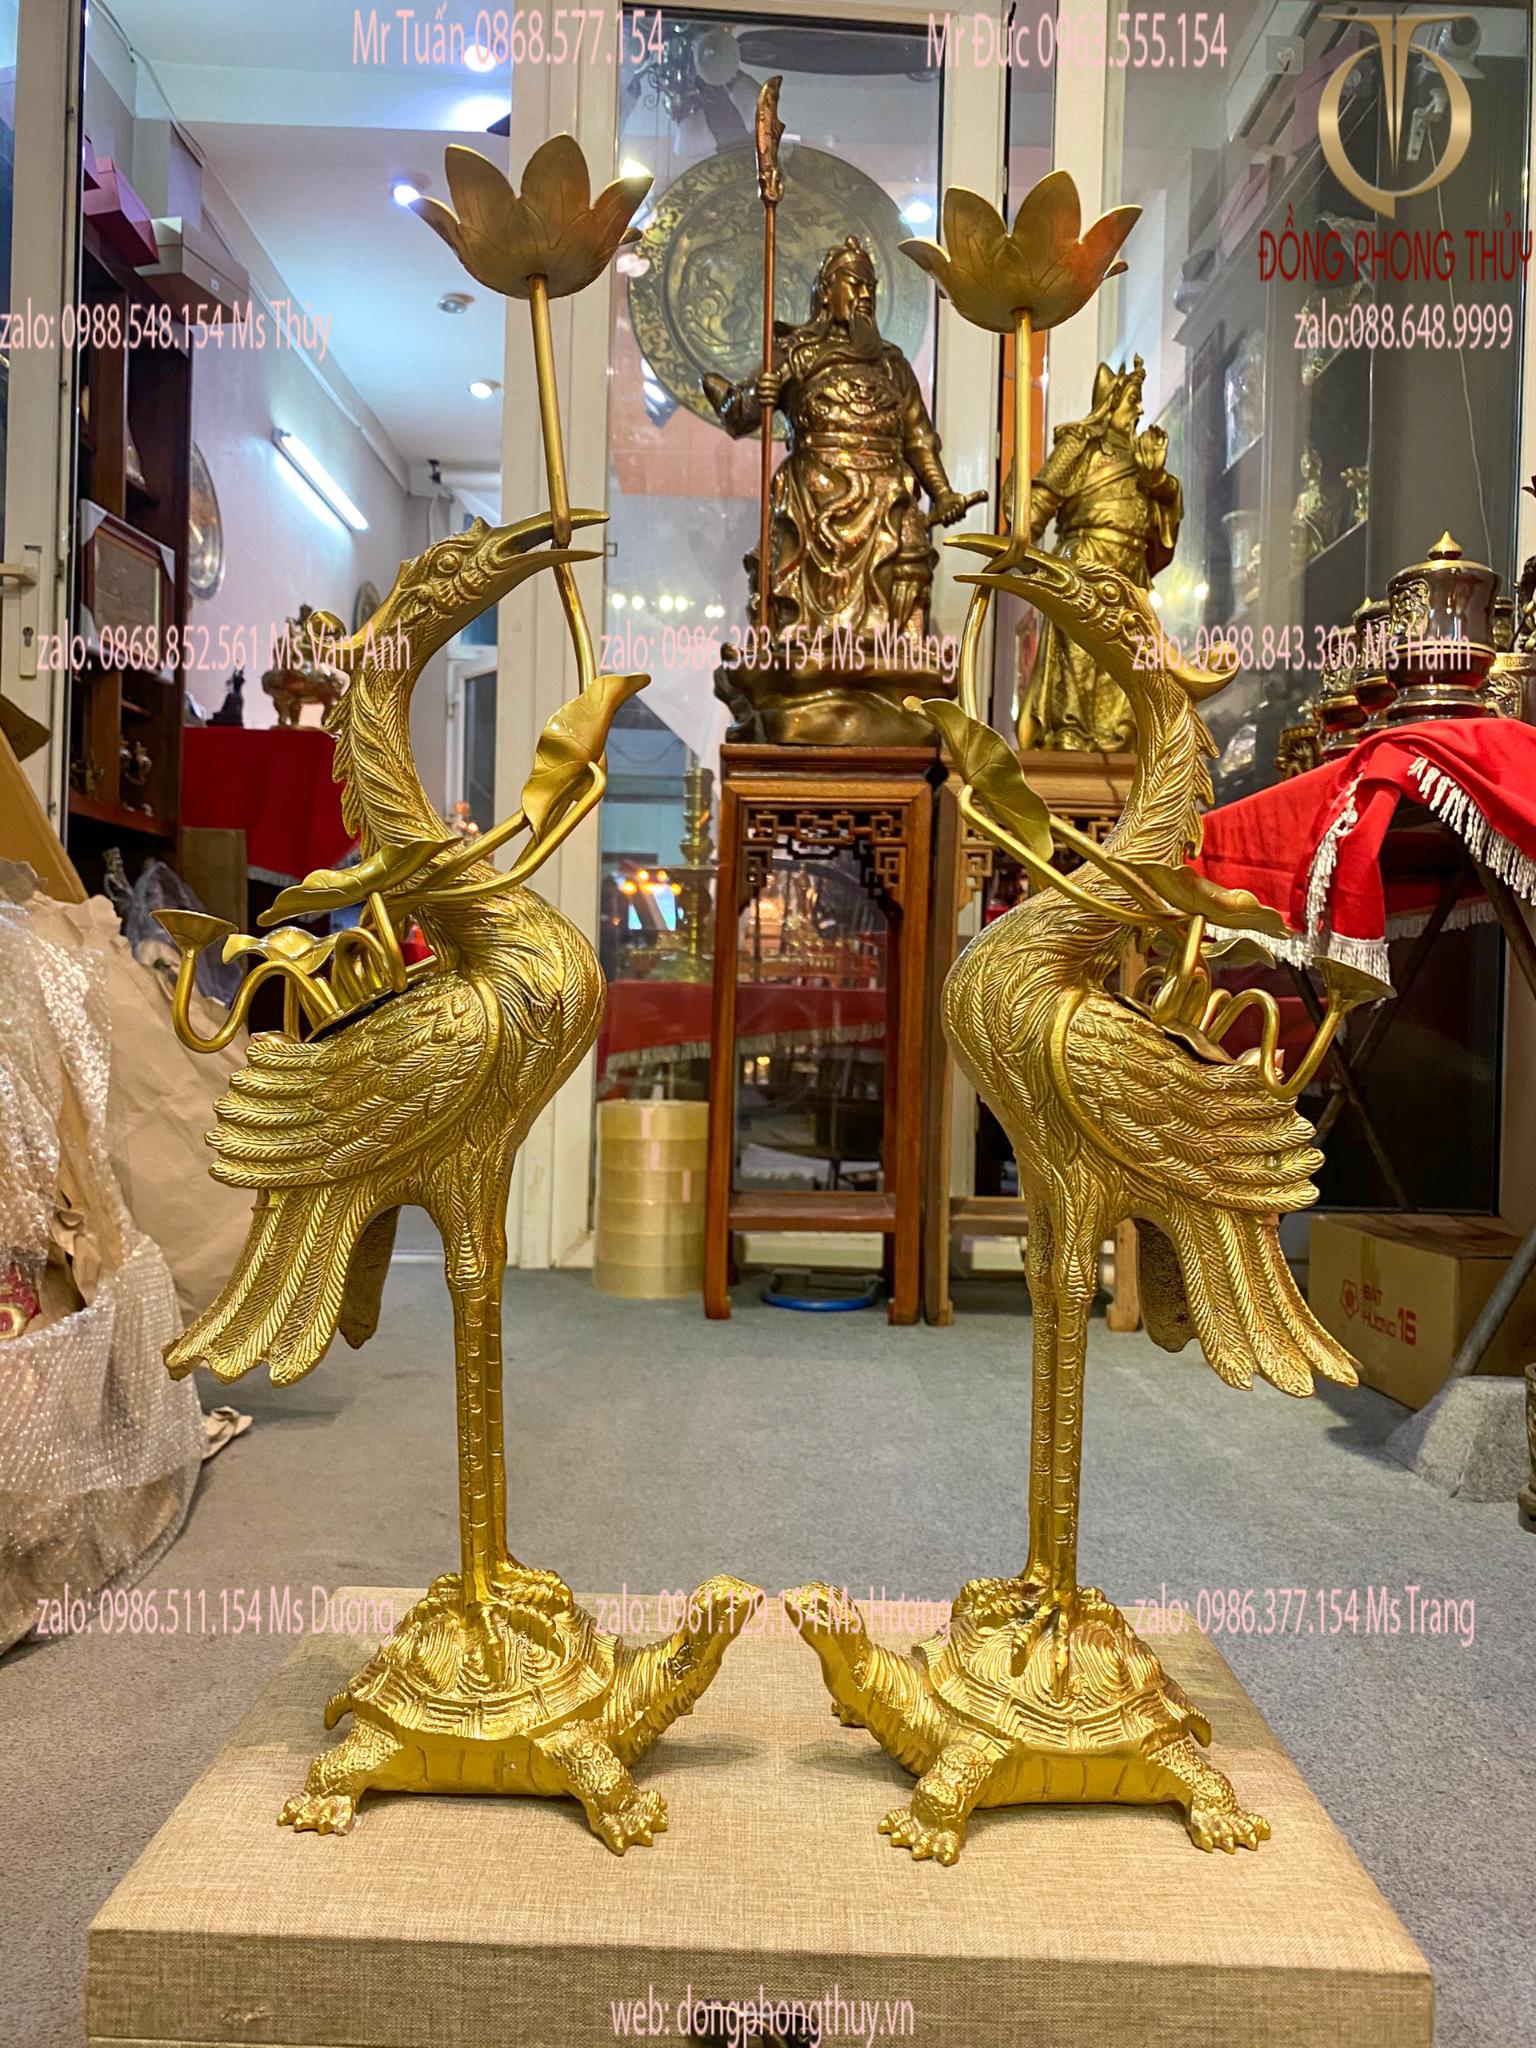 Đoi hạc đồng thờ cúng cao 52cm, nặng 5,5kg vàng đậm